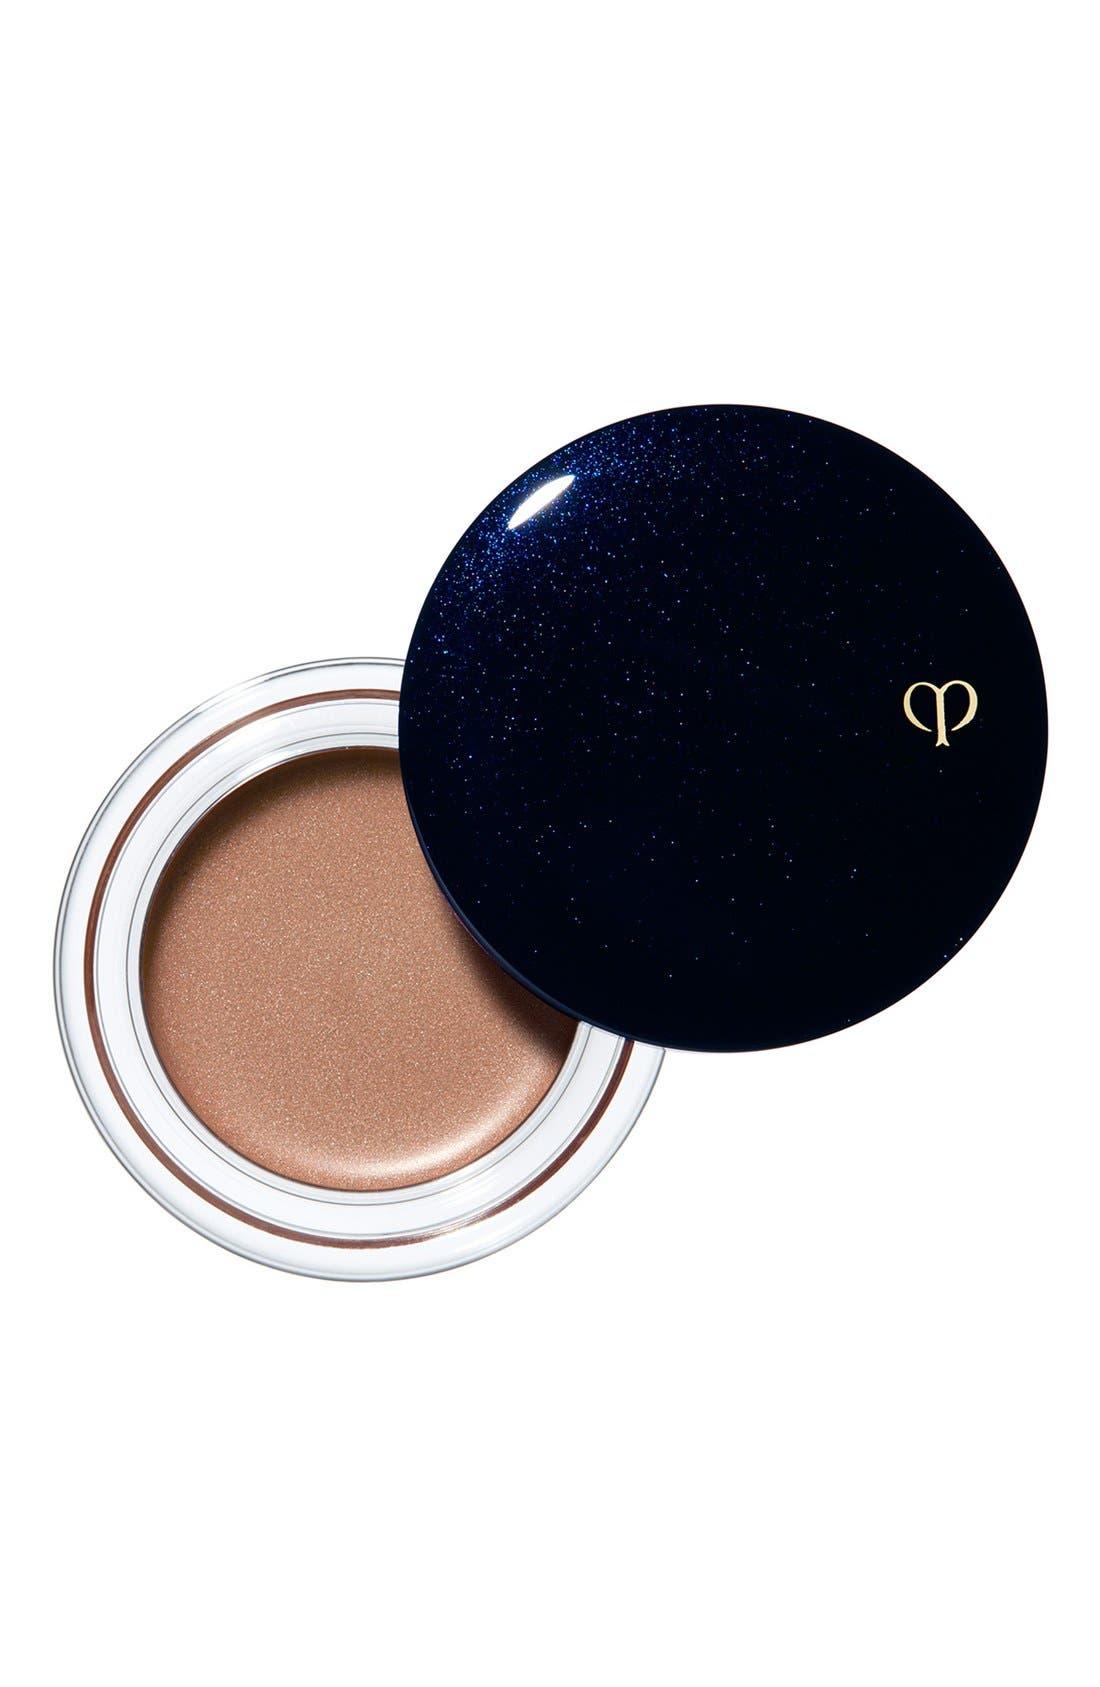 CLÉ DE PEAU BEAUTÉ Cream Color Eyeshadow, Main, color, 304 PONY